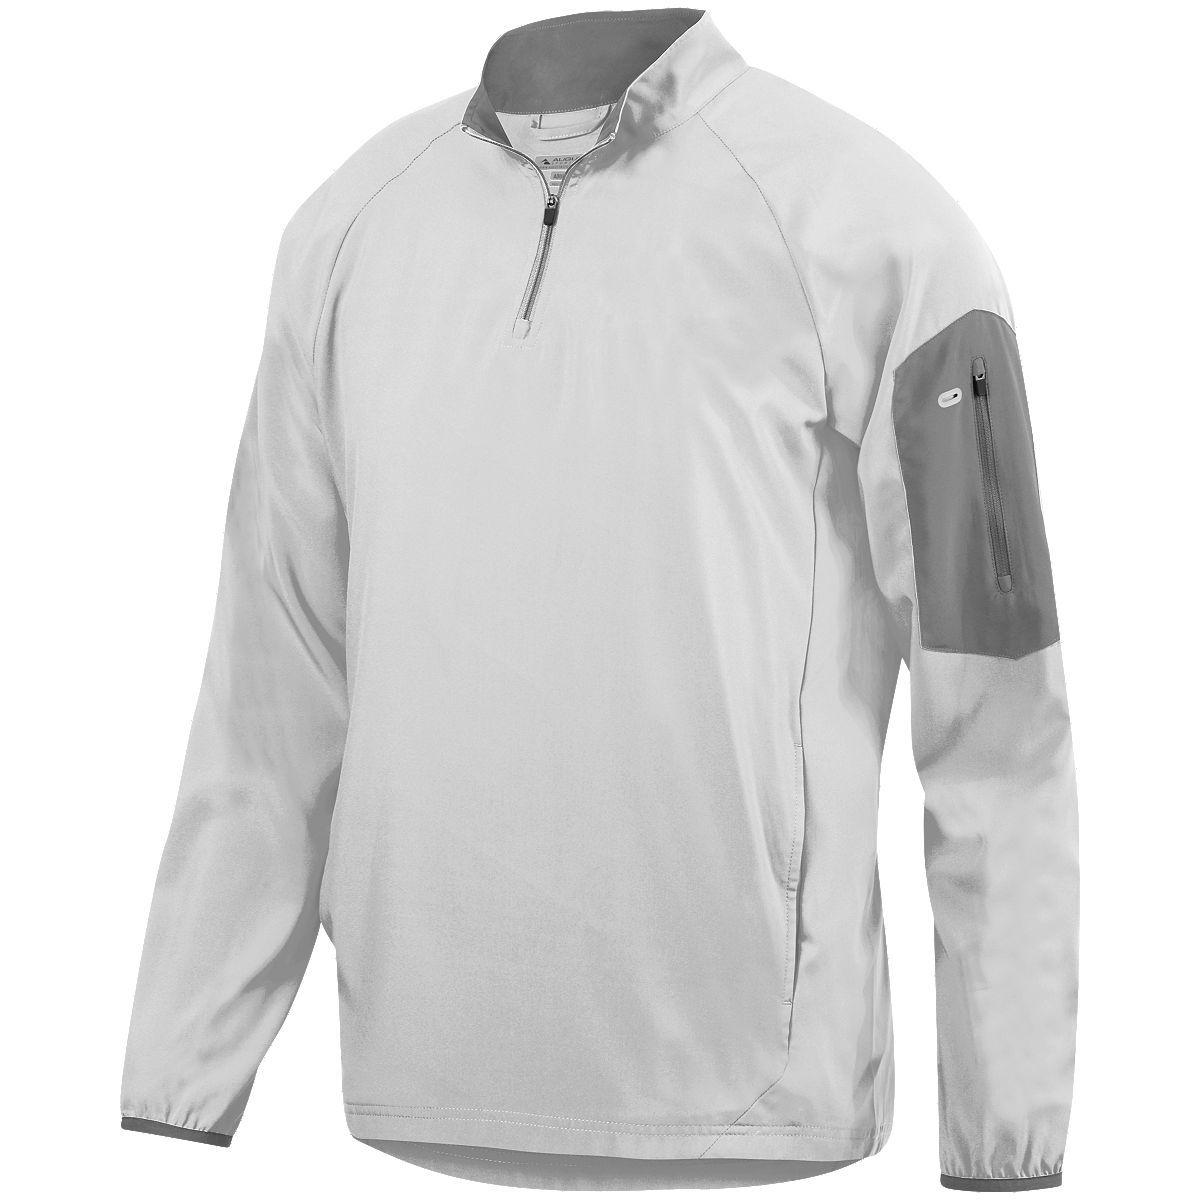 Preeminent Half-Zip Pullover - WHITE/GRAPHITE